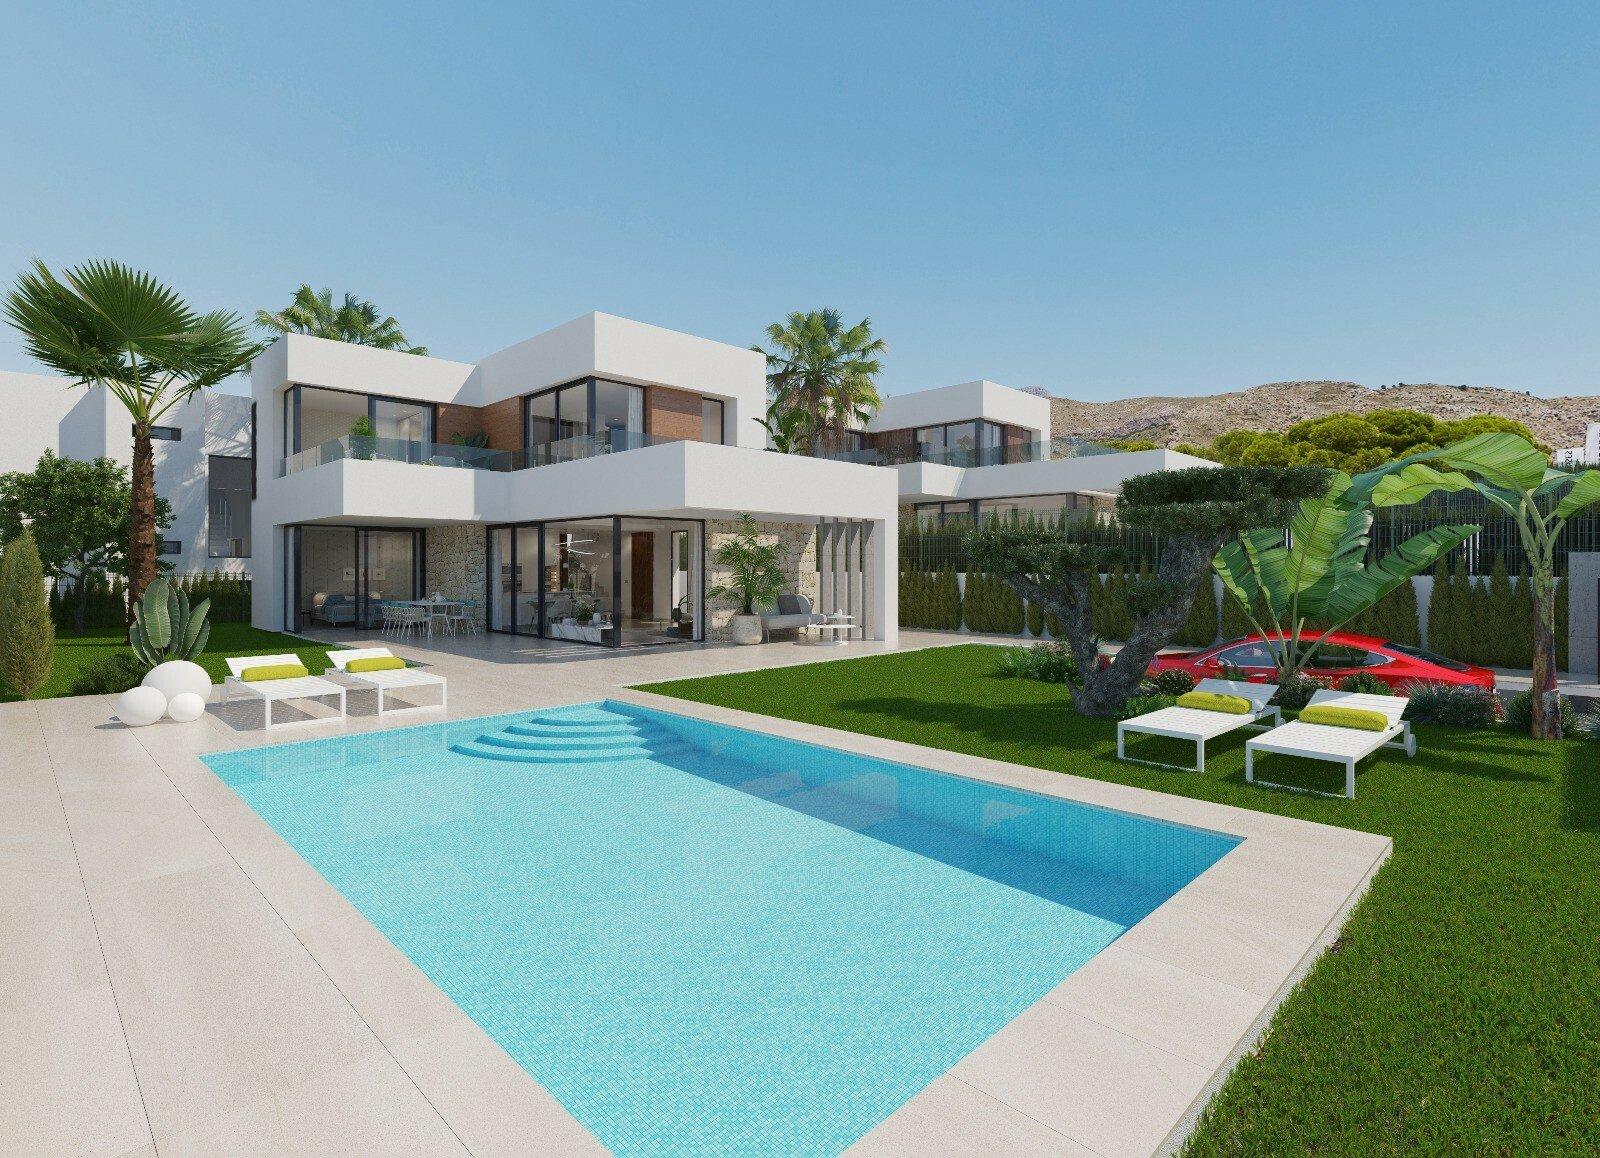 Villa in Finestrat, Valencian Community, Spain 1 - 11362147